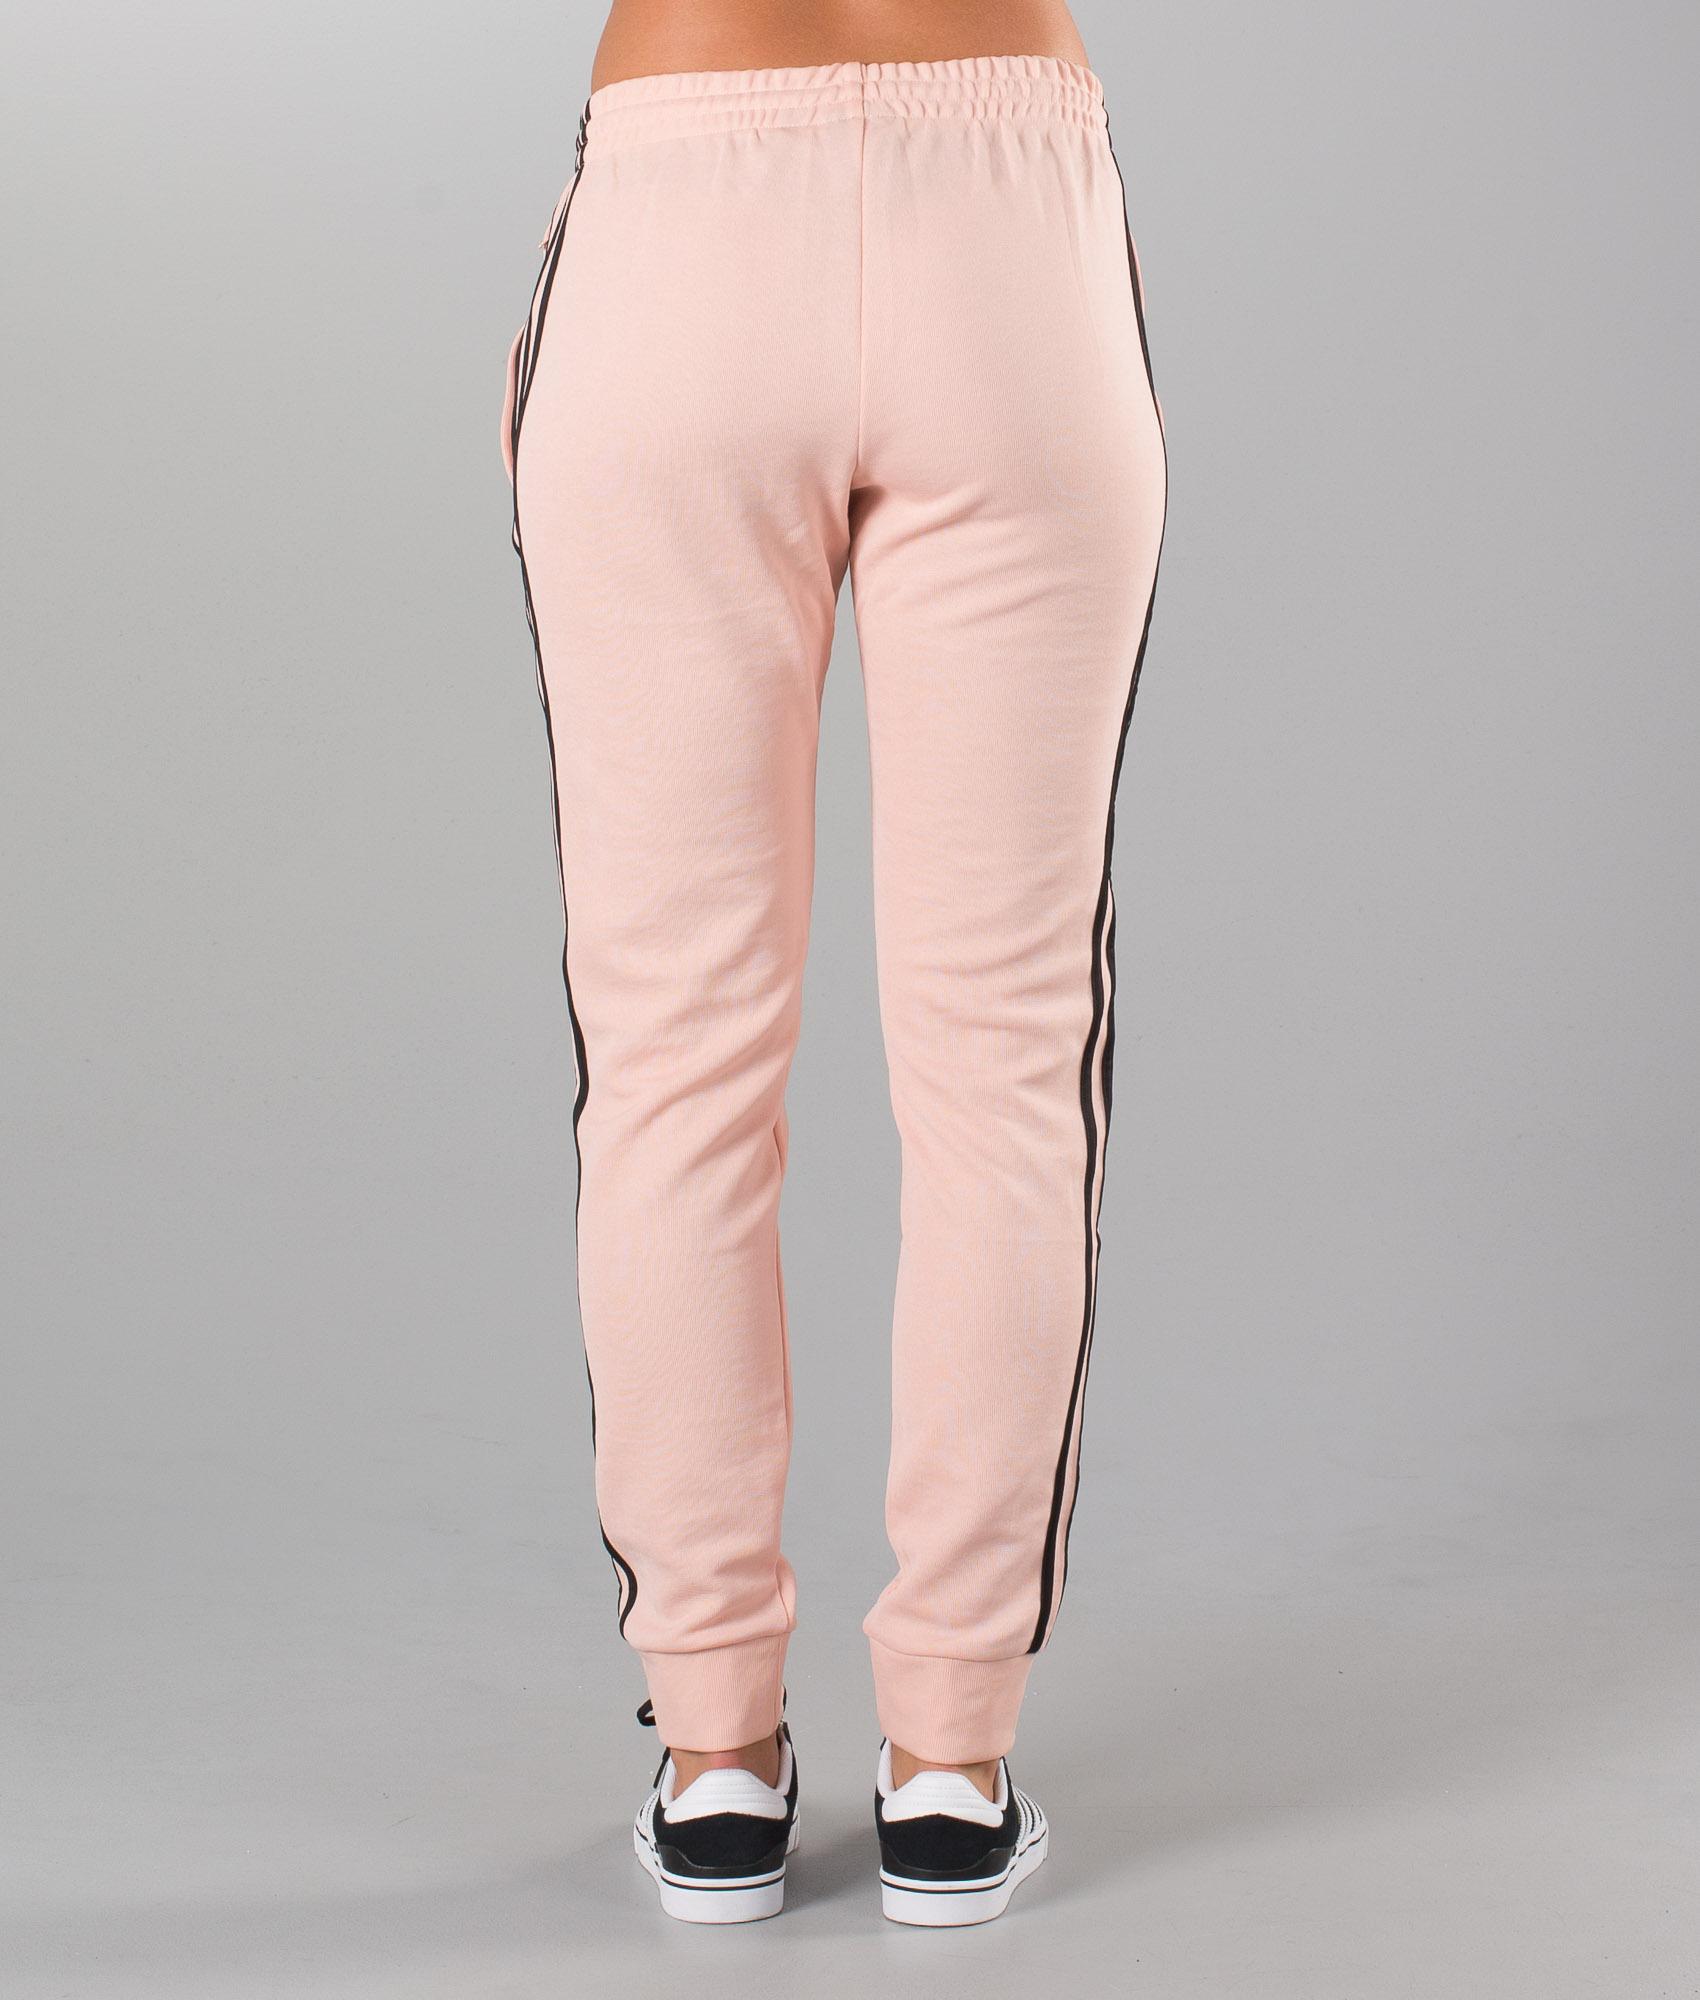 Adidas Originals Unisex Vappnk De Pantalon Sst Chez Cuffed Tp UZxnzUBqr